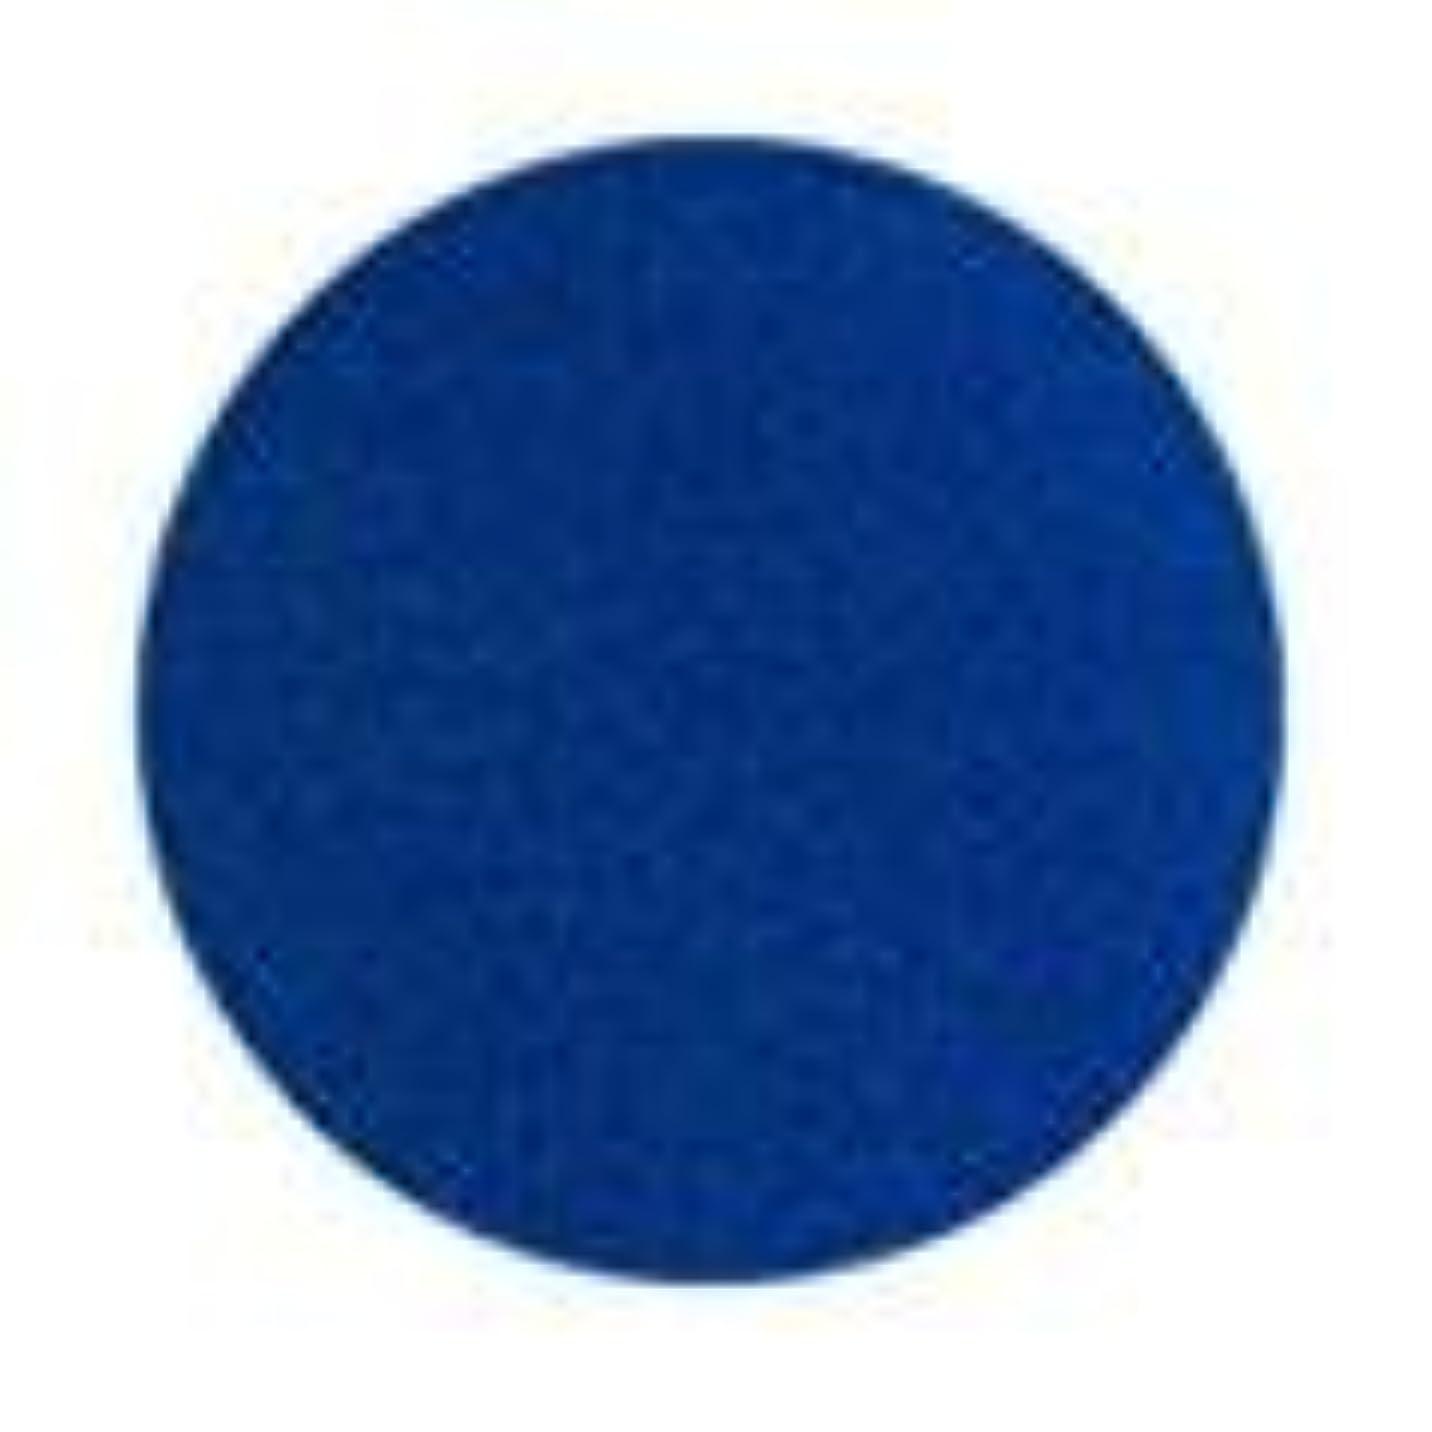 定義する地下室極貧Jessica ジェレレーション カラー 15ml  917 ミッドナイトムーンライト